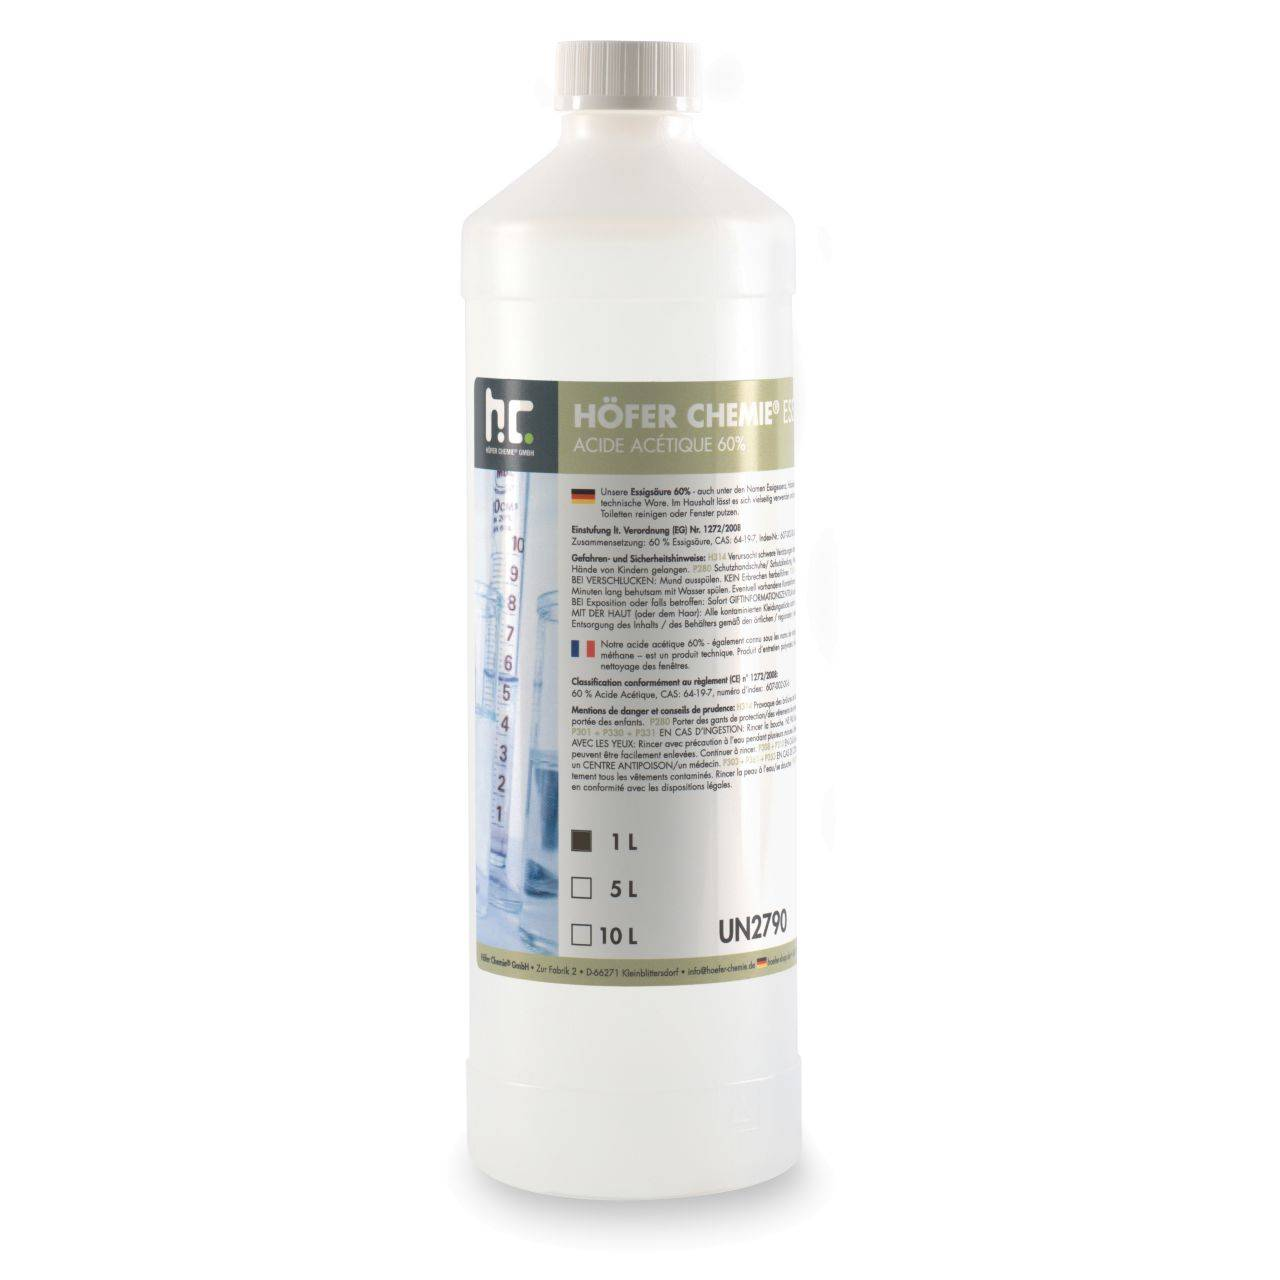 Höfer Chemie 15 l Acide Acétique 60% (15 x 1 l)